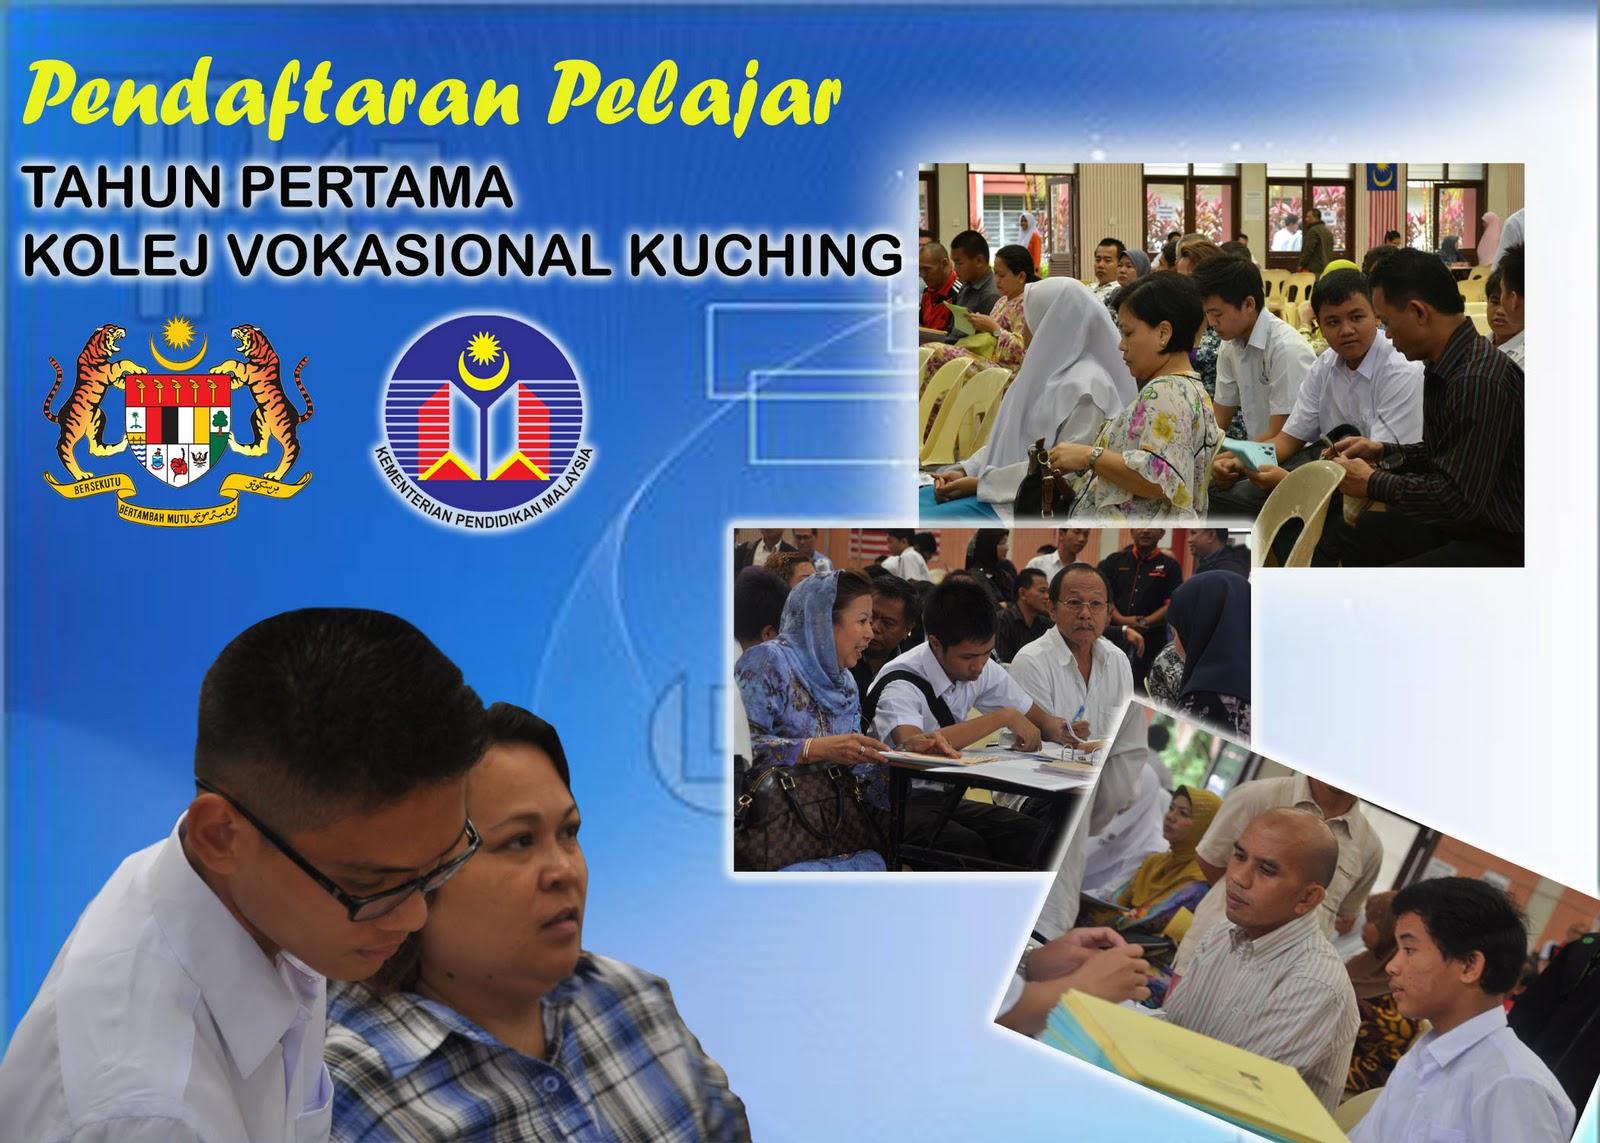 Buletin kolej vokasional kuching pendaftaran pelajar for Home wallpaper kuching